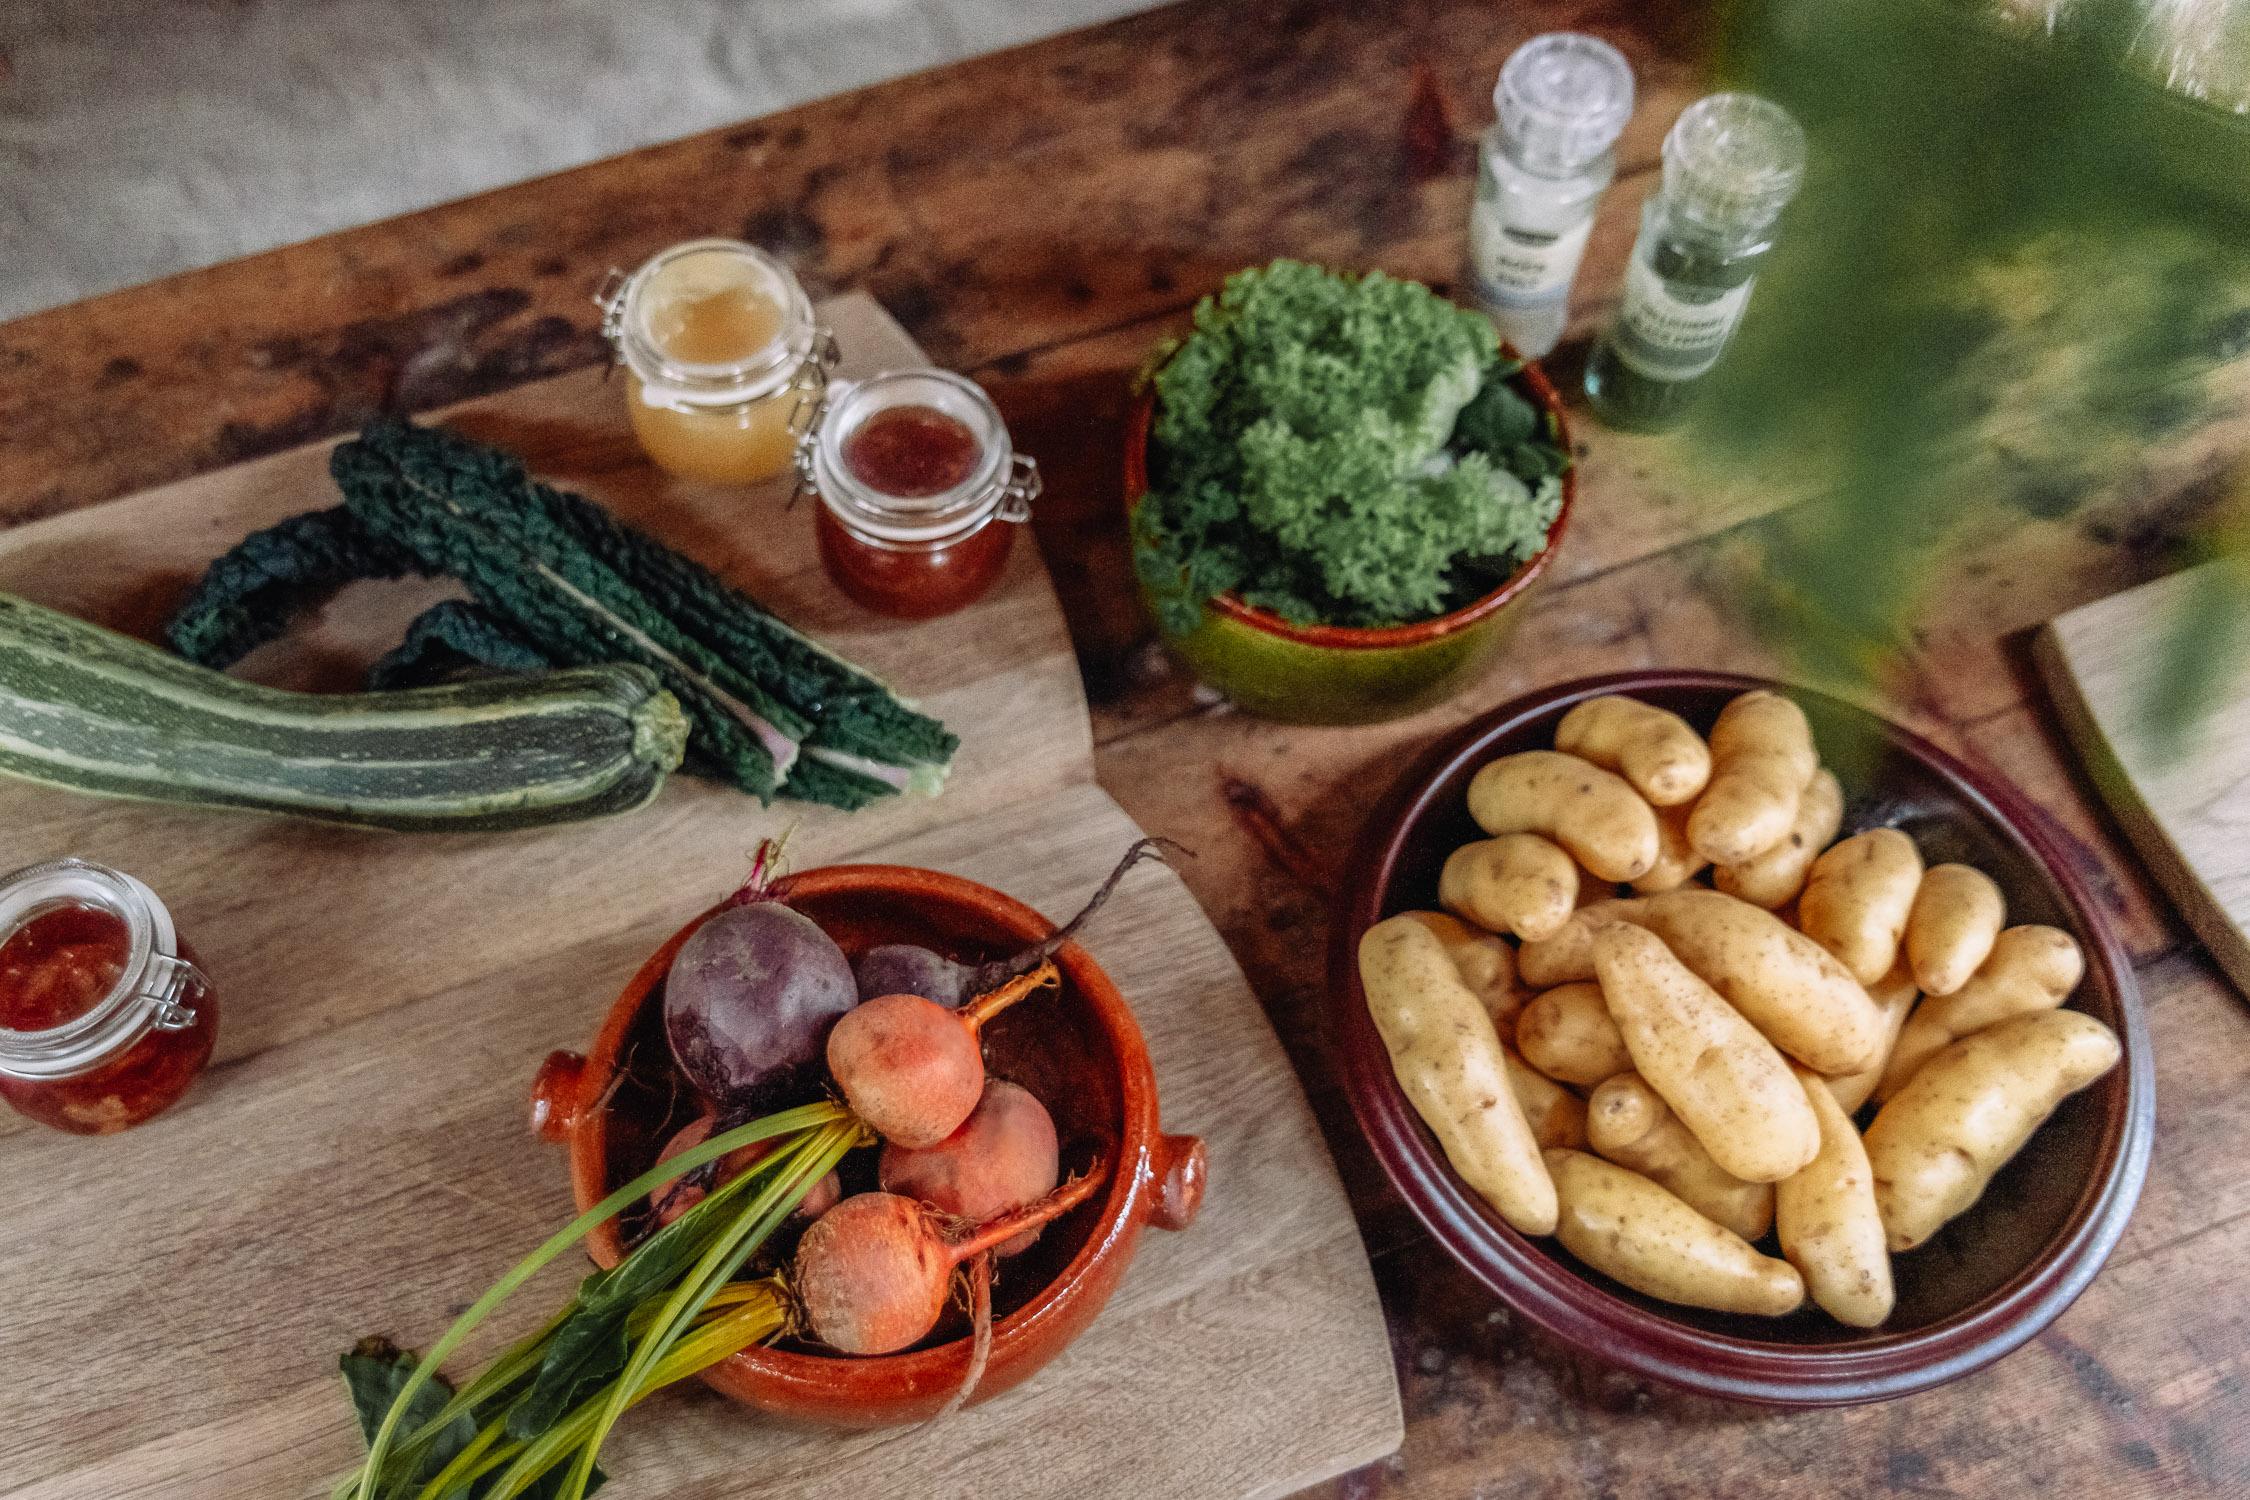 Lokala råvaror förbereds till lunch på Ströms Catering, Örebro